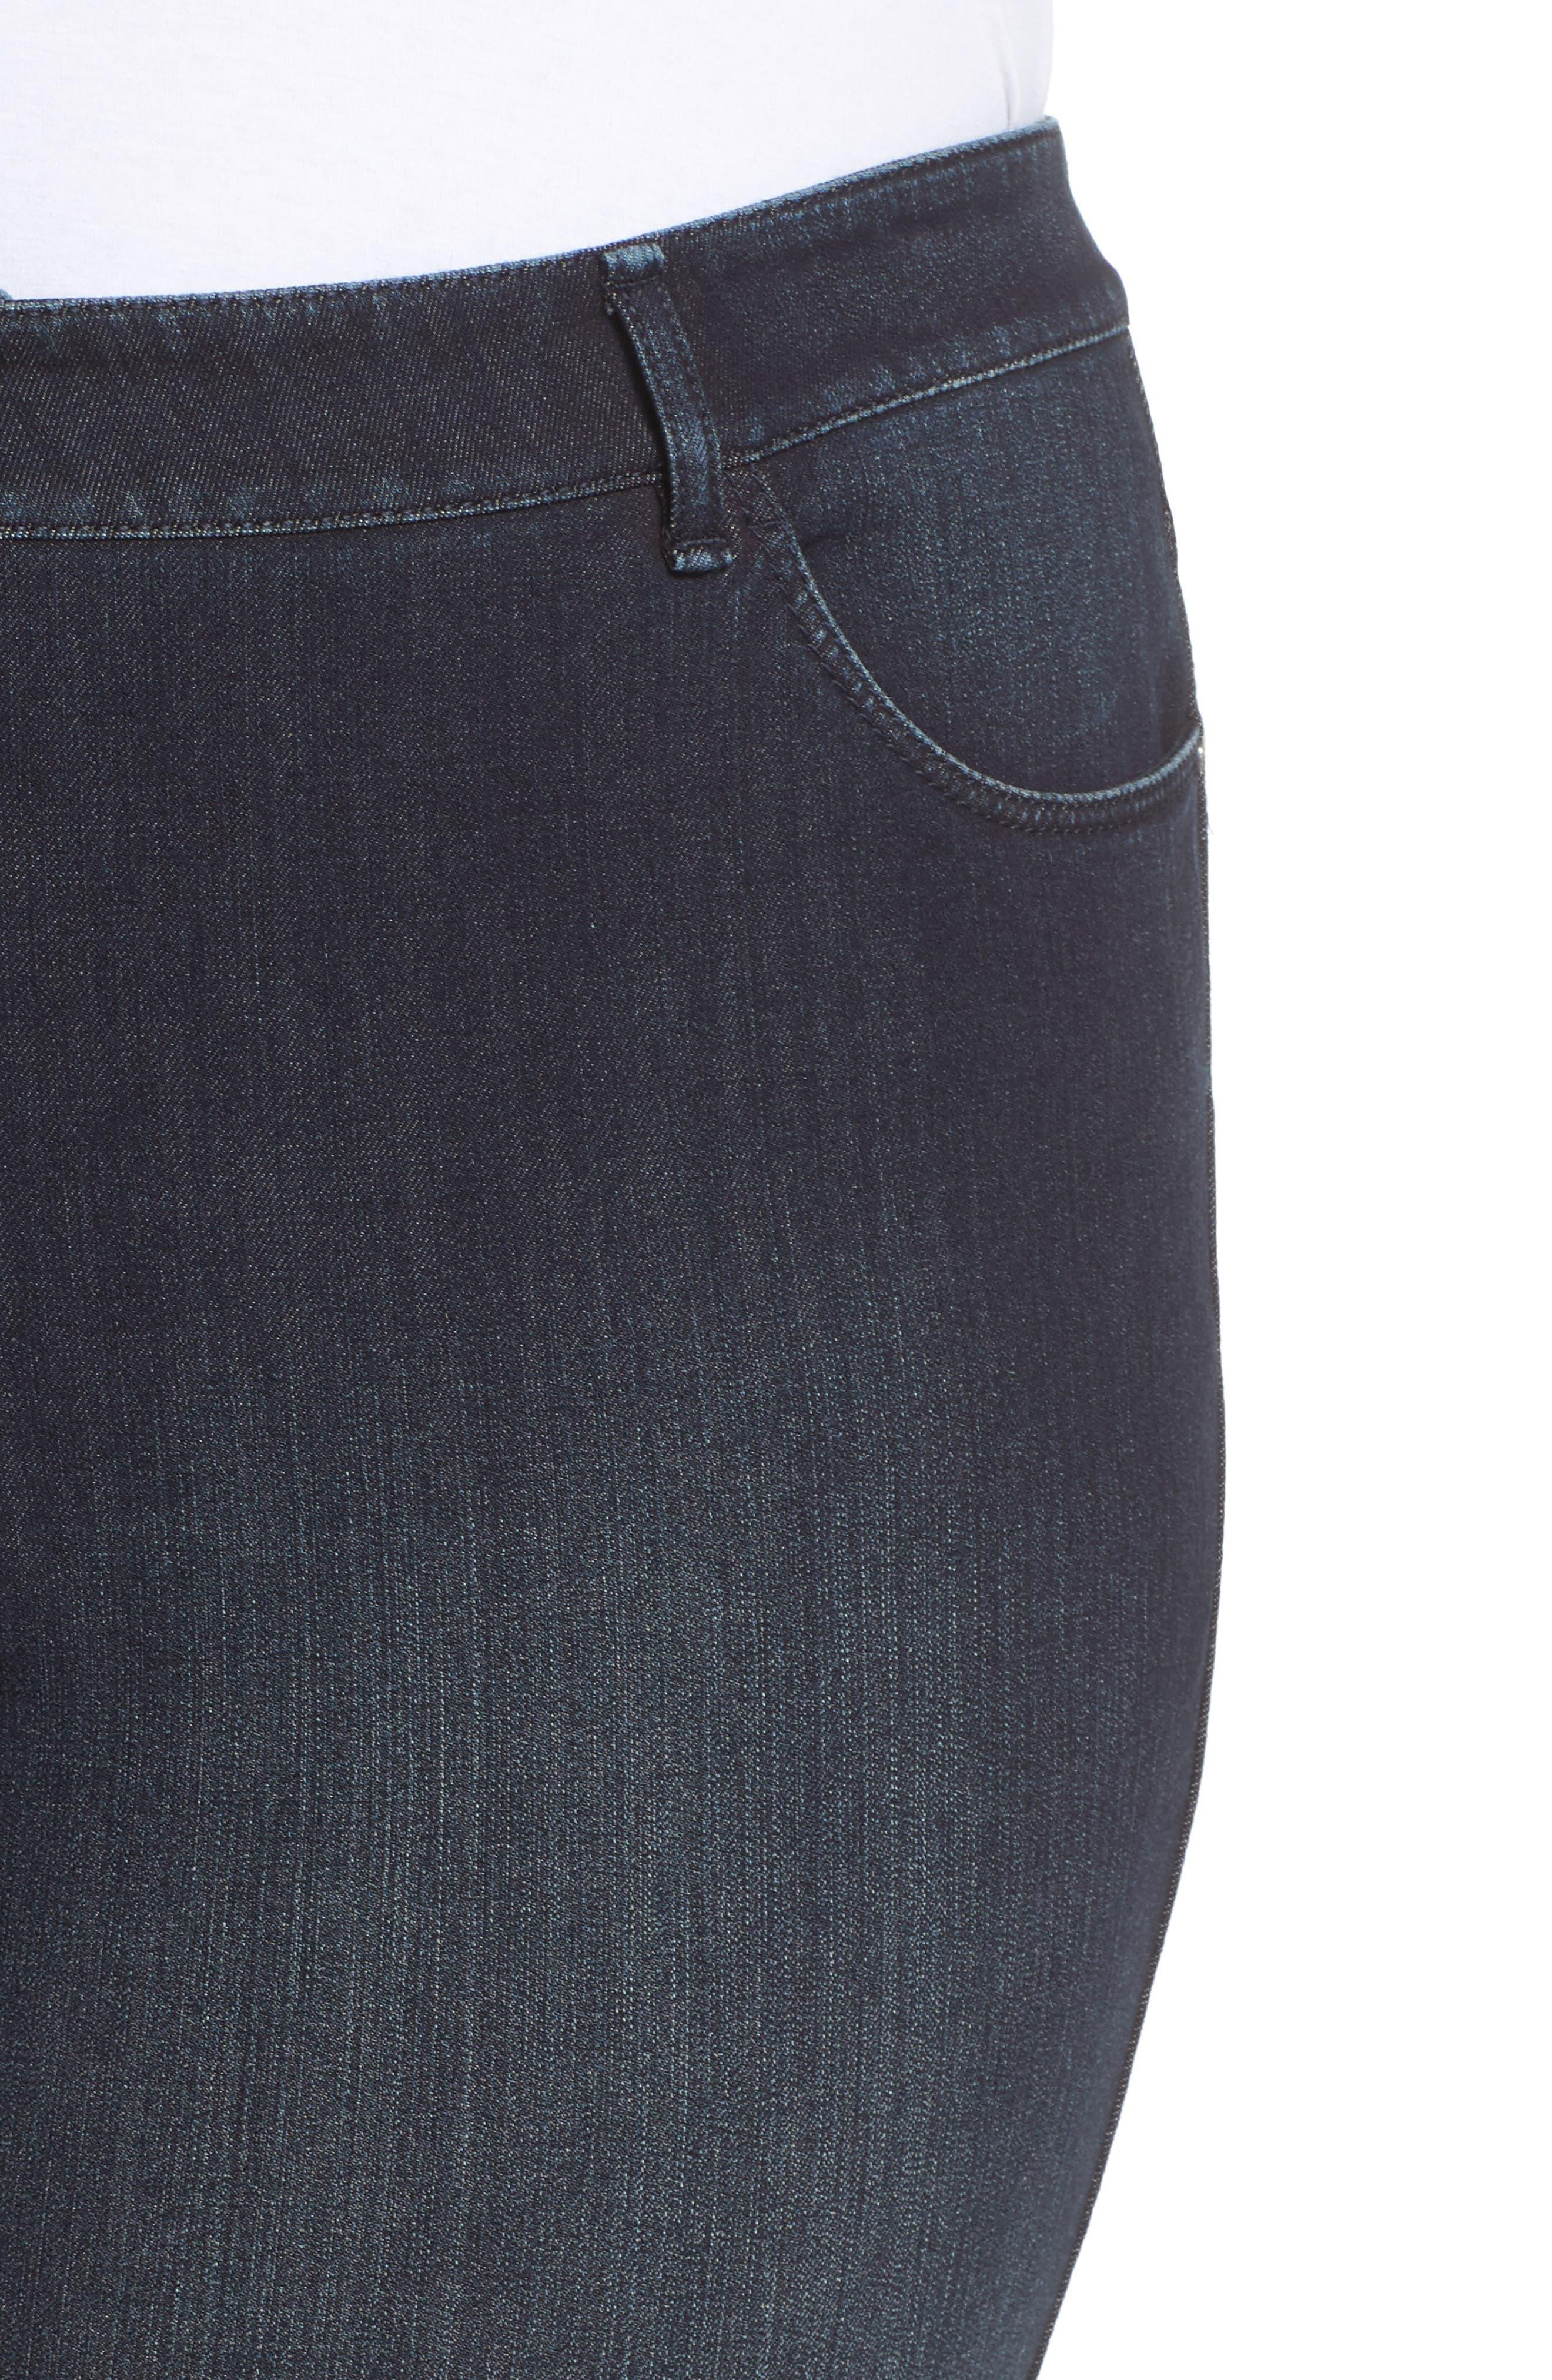 Mercer Jeans,                             Alternate thumbnail 4, color,                             Indigo